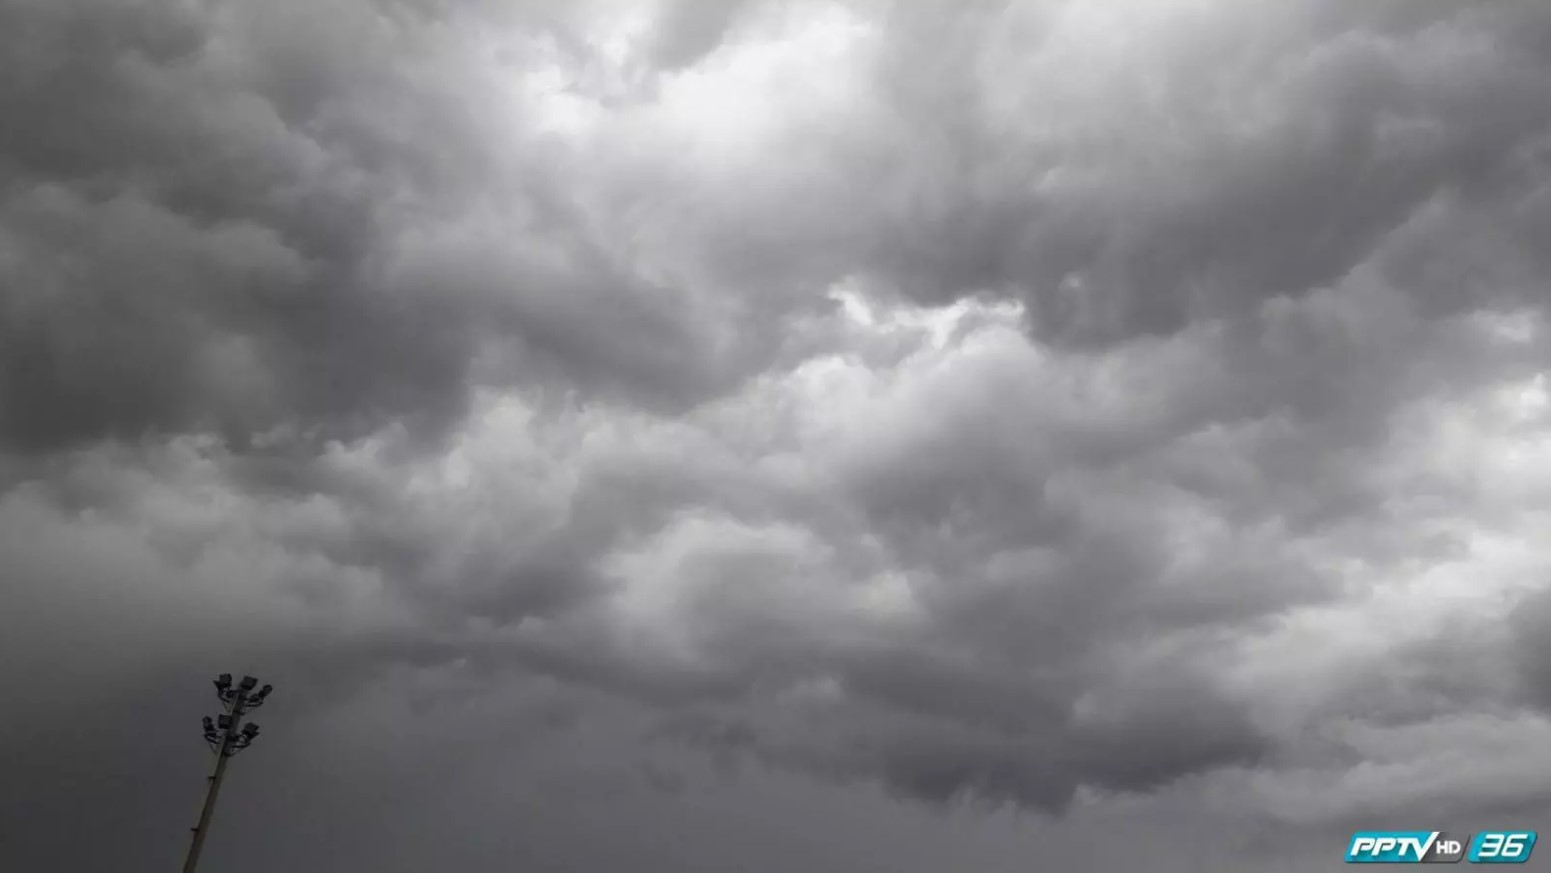 """""""พายุปาบึก"""" ขึ้นฝั่งนครศรีฯค่ำนี้ ระวังอันตรายฝนตกหนัก คลื่นสูง 3-5 เมตร"""